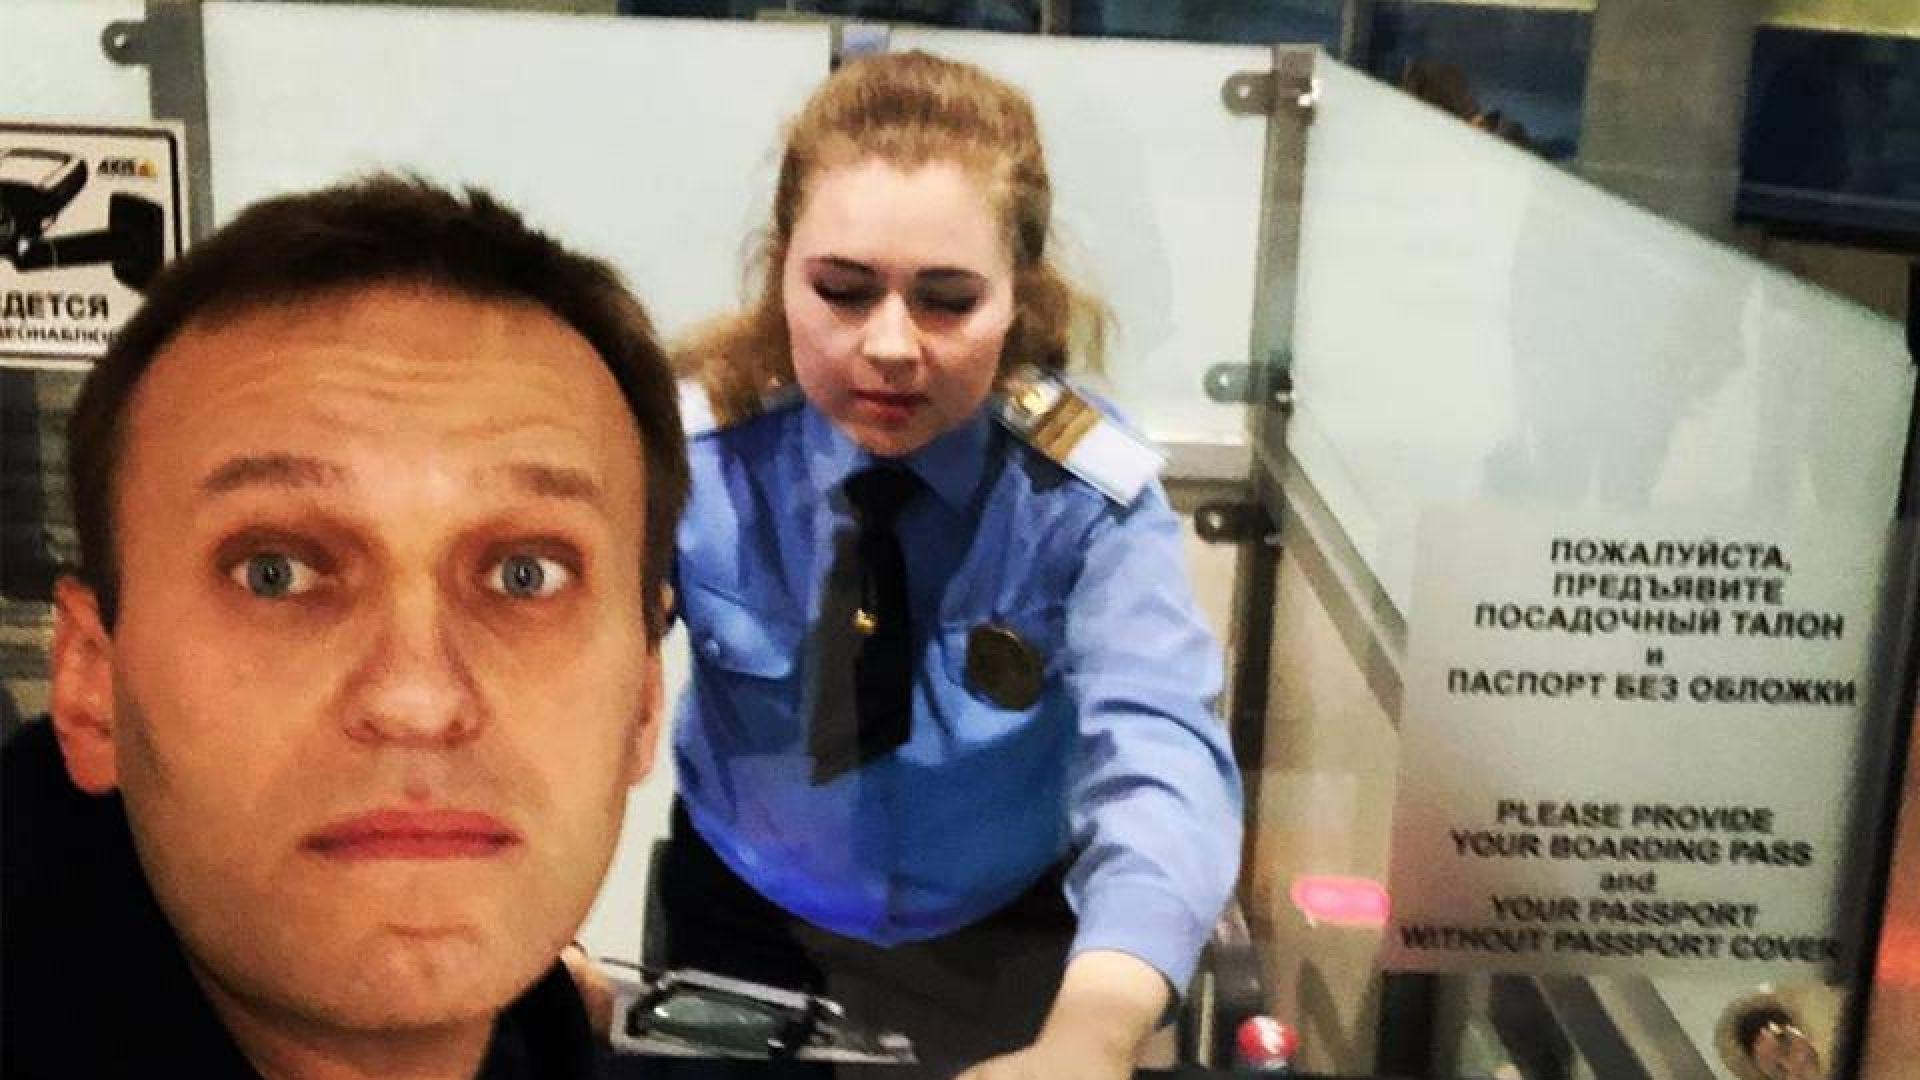 Опозиционерът Алексей Навални получи разрешение да напусне Русия днес, за